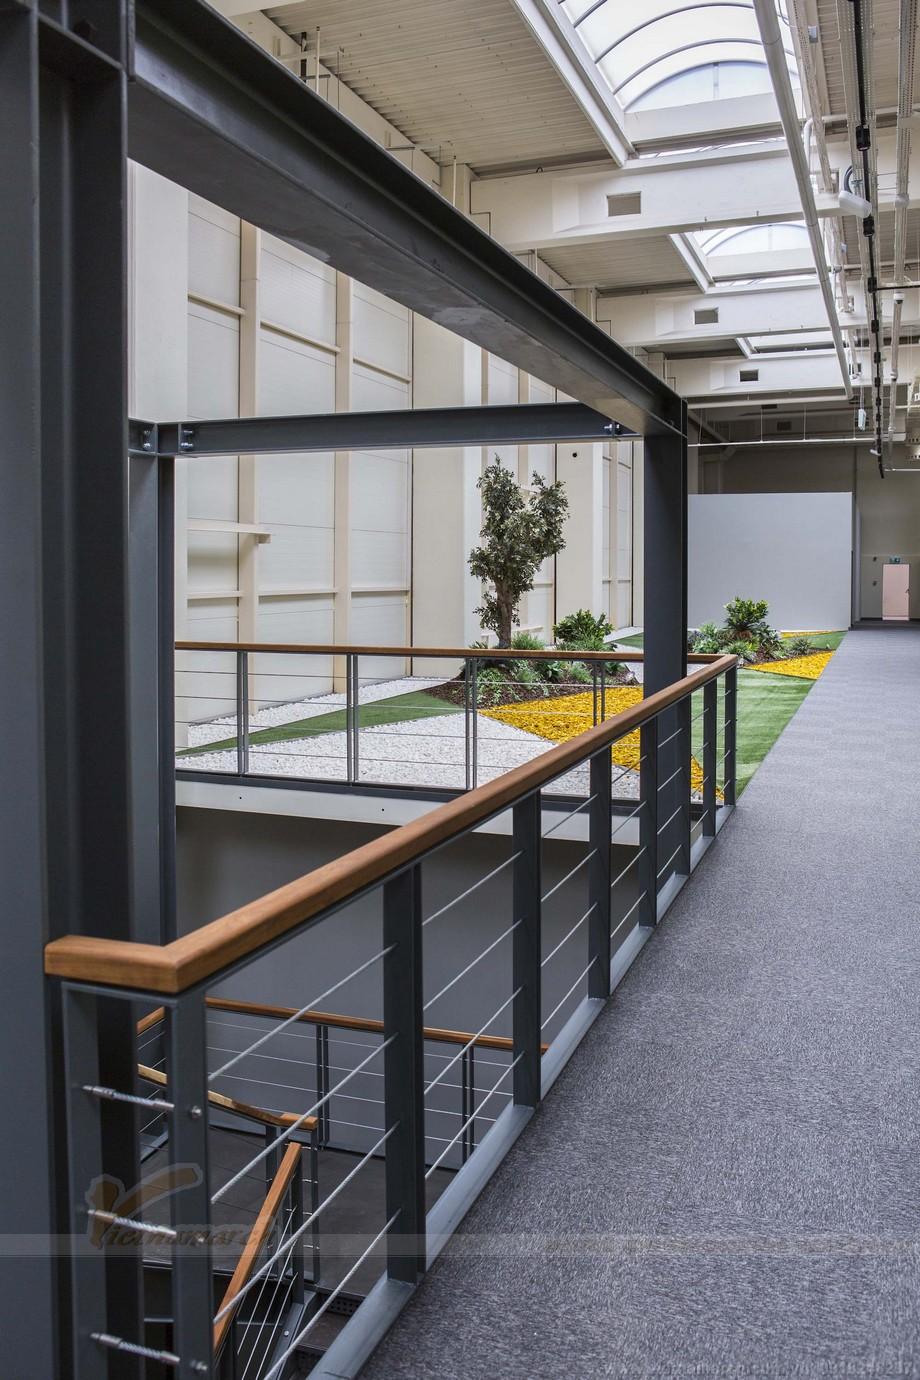 Không gian bên ngoài văn phòng cũng được thiết kế  chau chuốt đẹp mắt